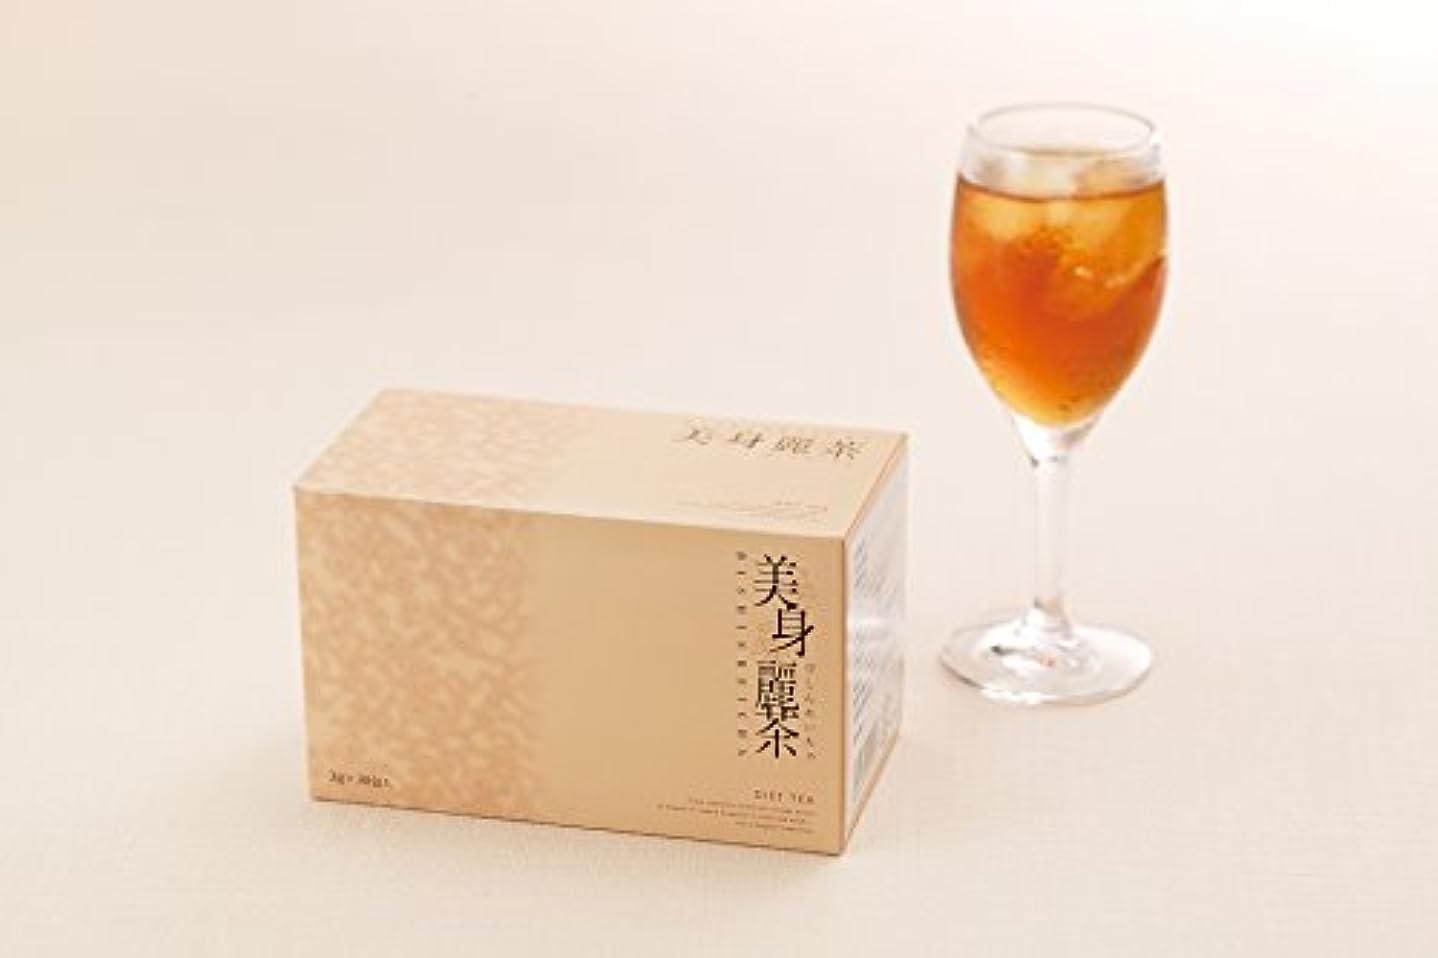 保証グラマー業界4個 美身麗茶 3g×30包 ダイエット お茶 ティー